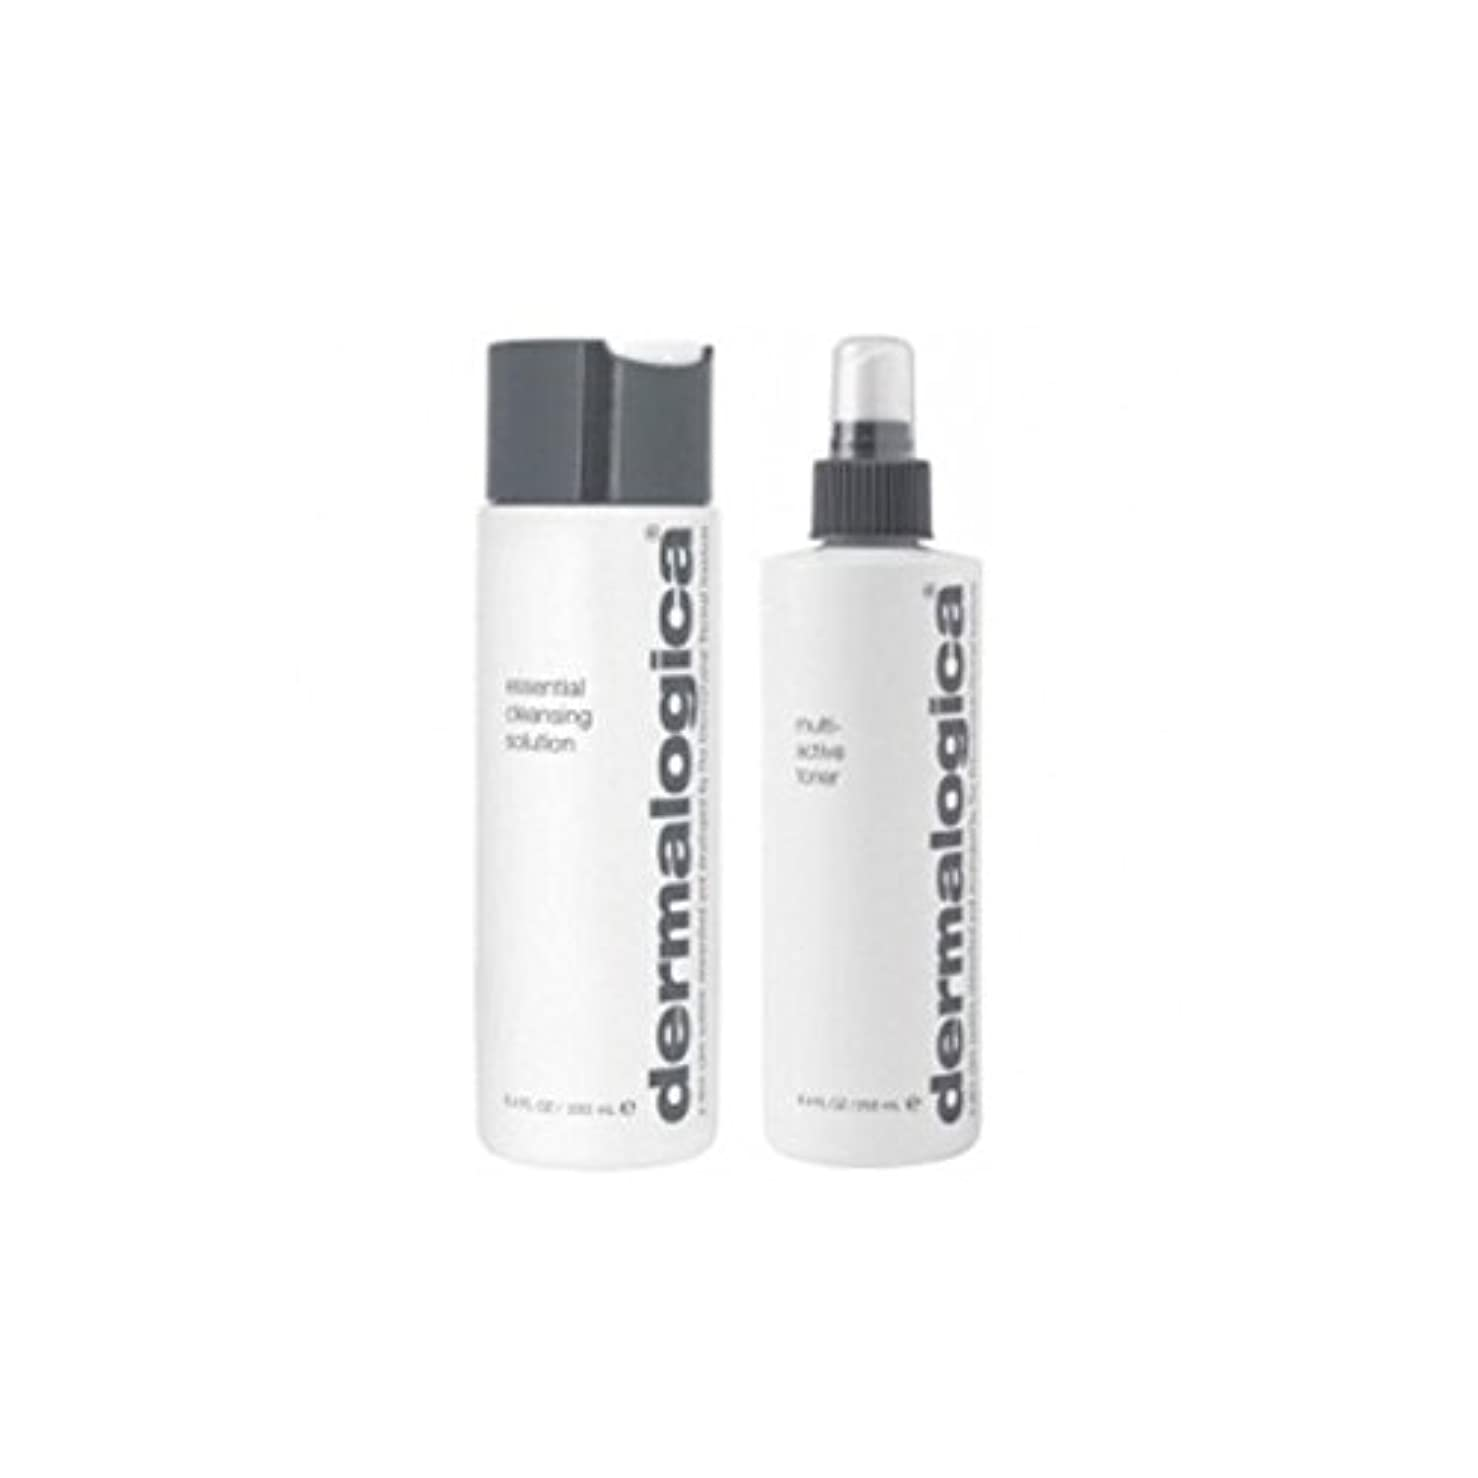 Dermalogica Cleanse & Tone Duo - Dry Skin - ダーマロジカクレンジング&トーンデュオ - 乾燥肌 [並行輸入品]